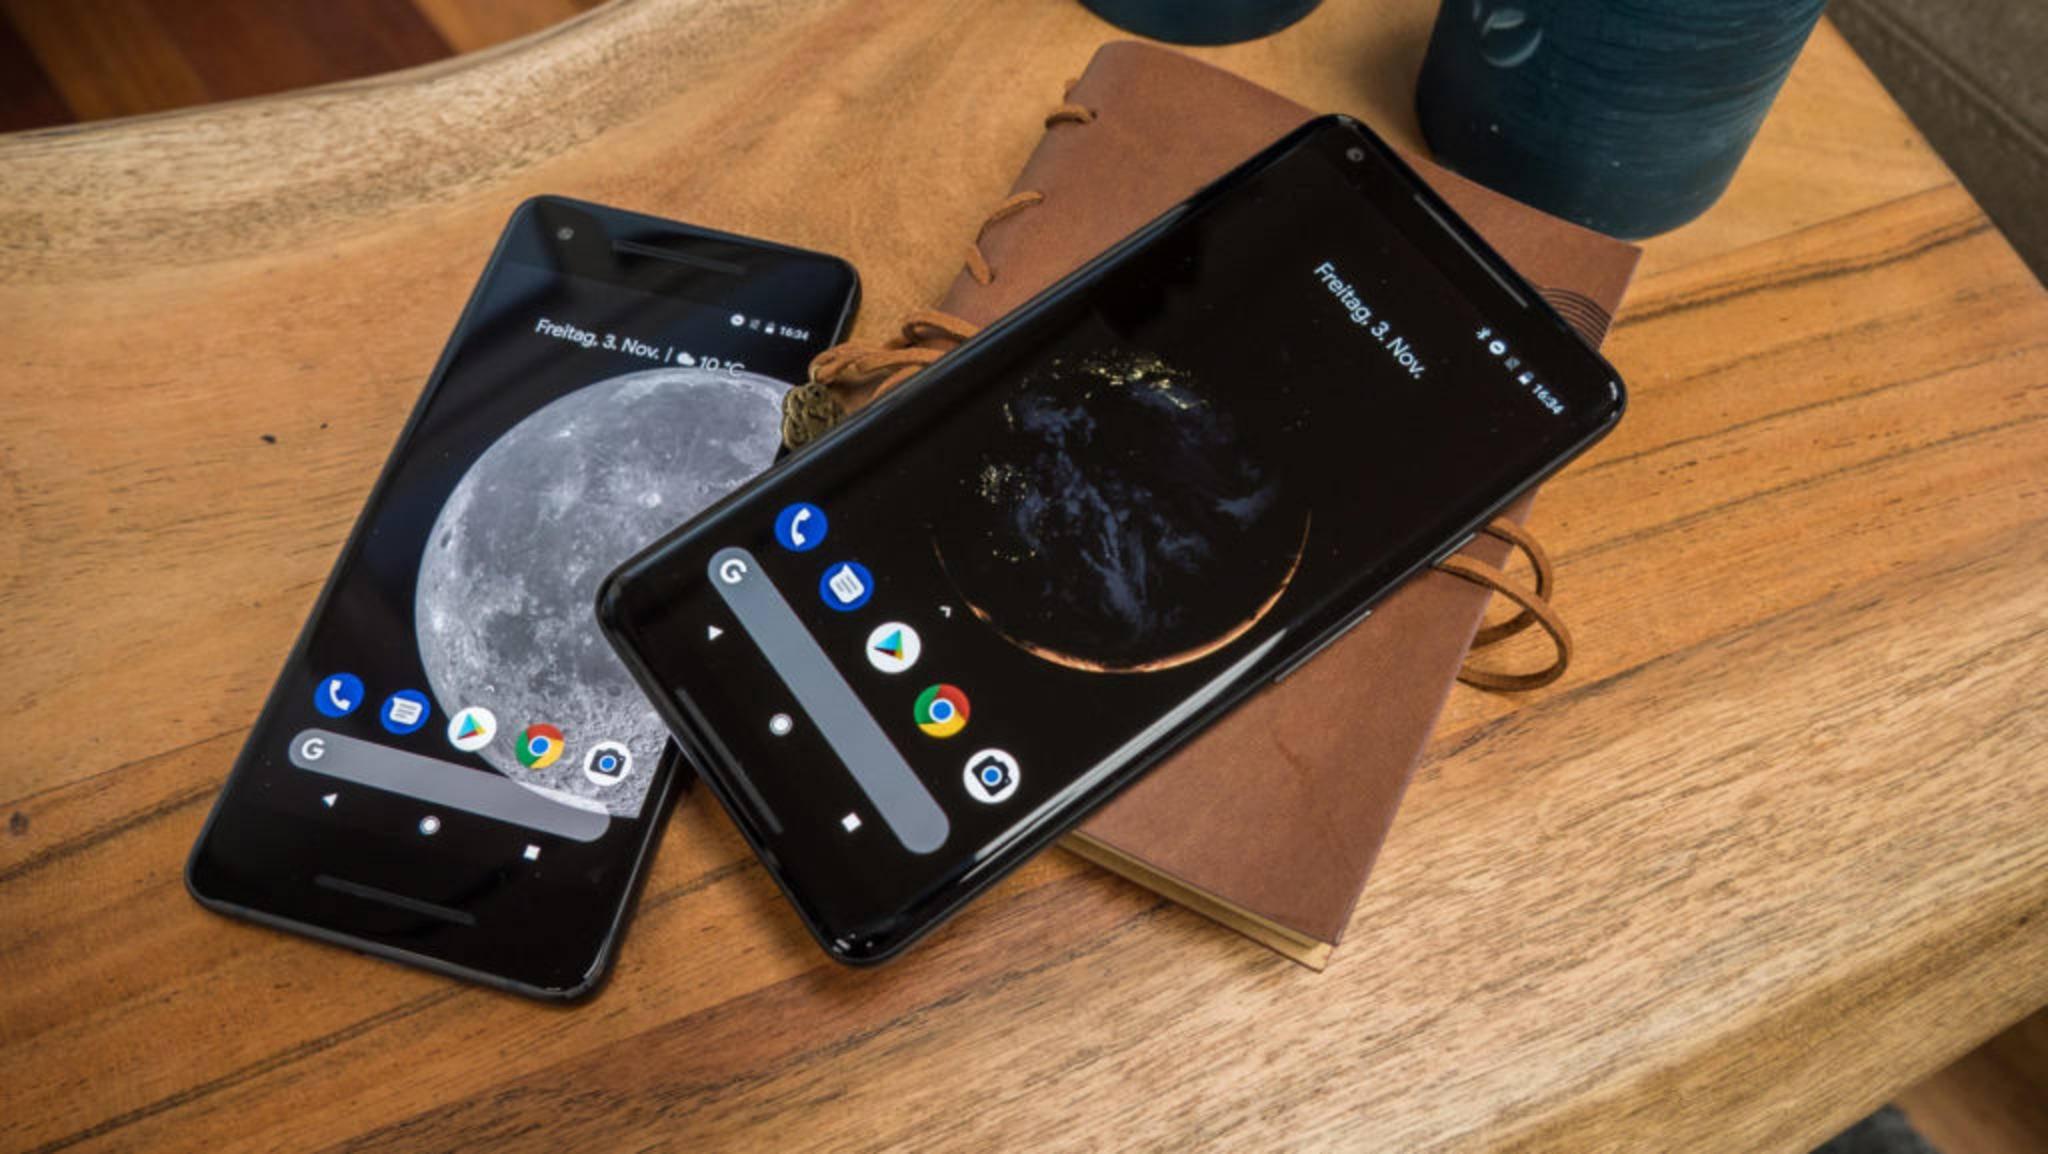 Die Besitzer eines Google Pixel 2 oder Pixel 2 XL erhielten schon lange das Update auf Android 9.0 Pie.